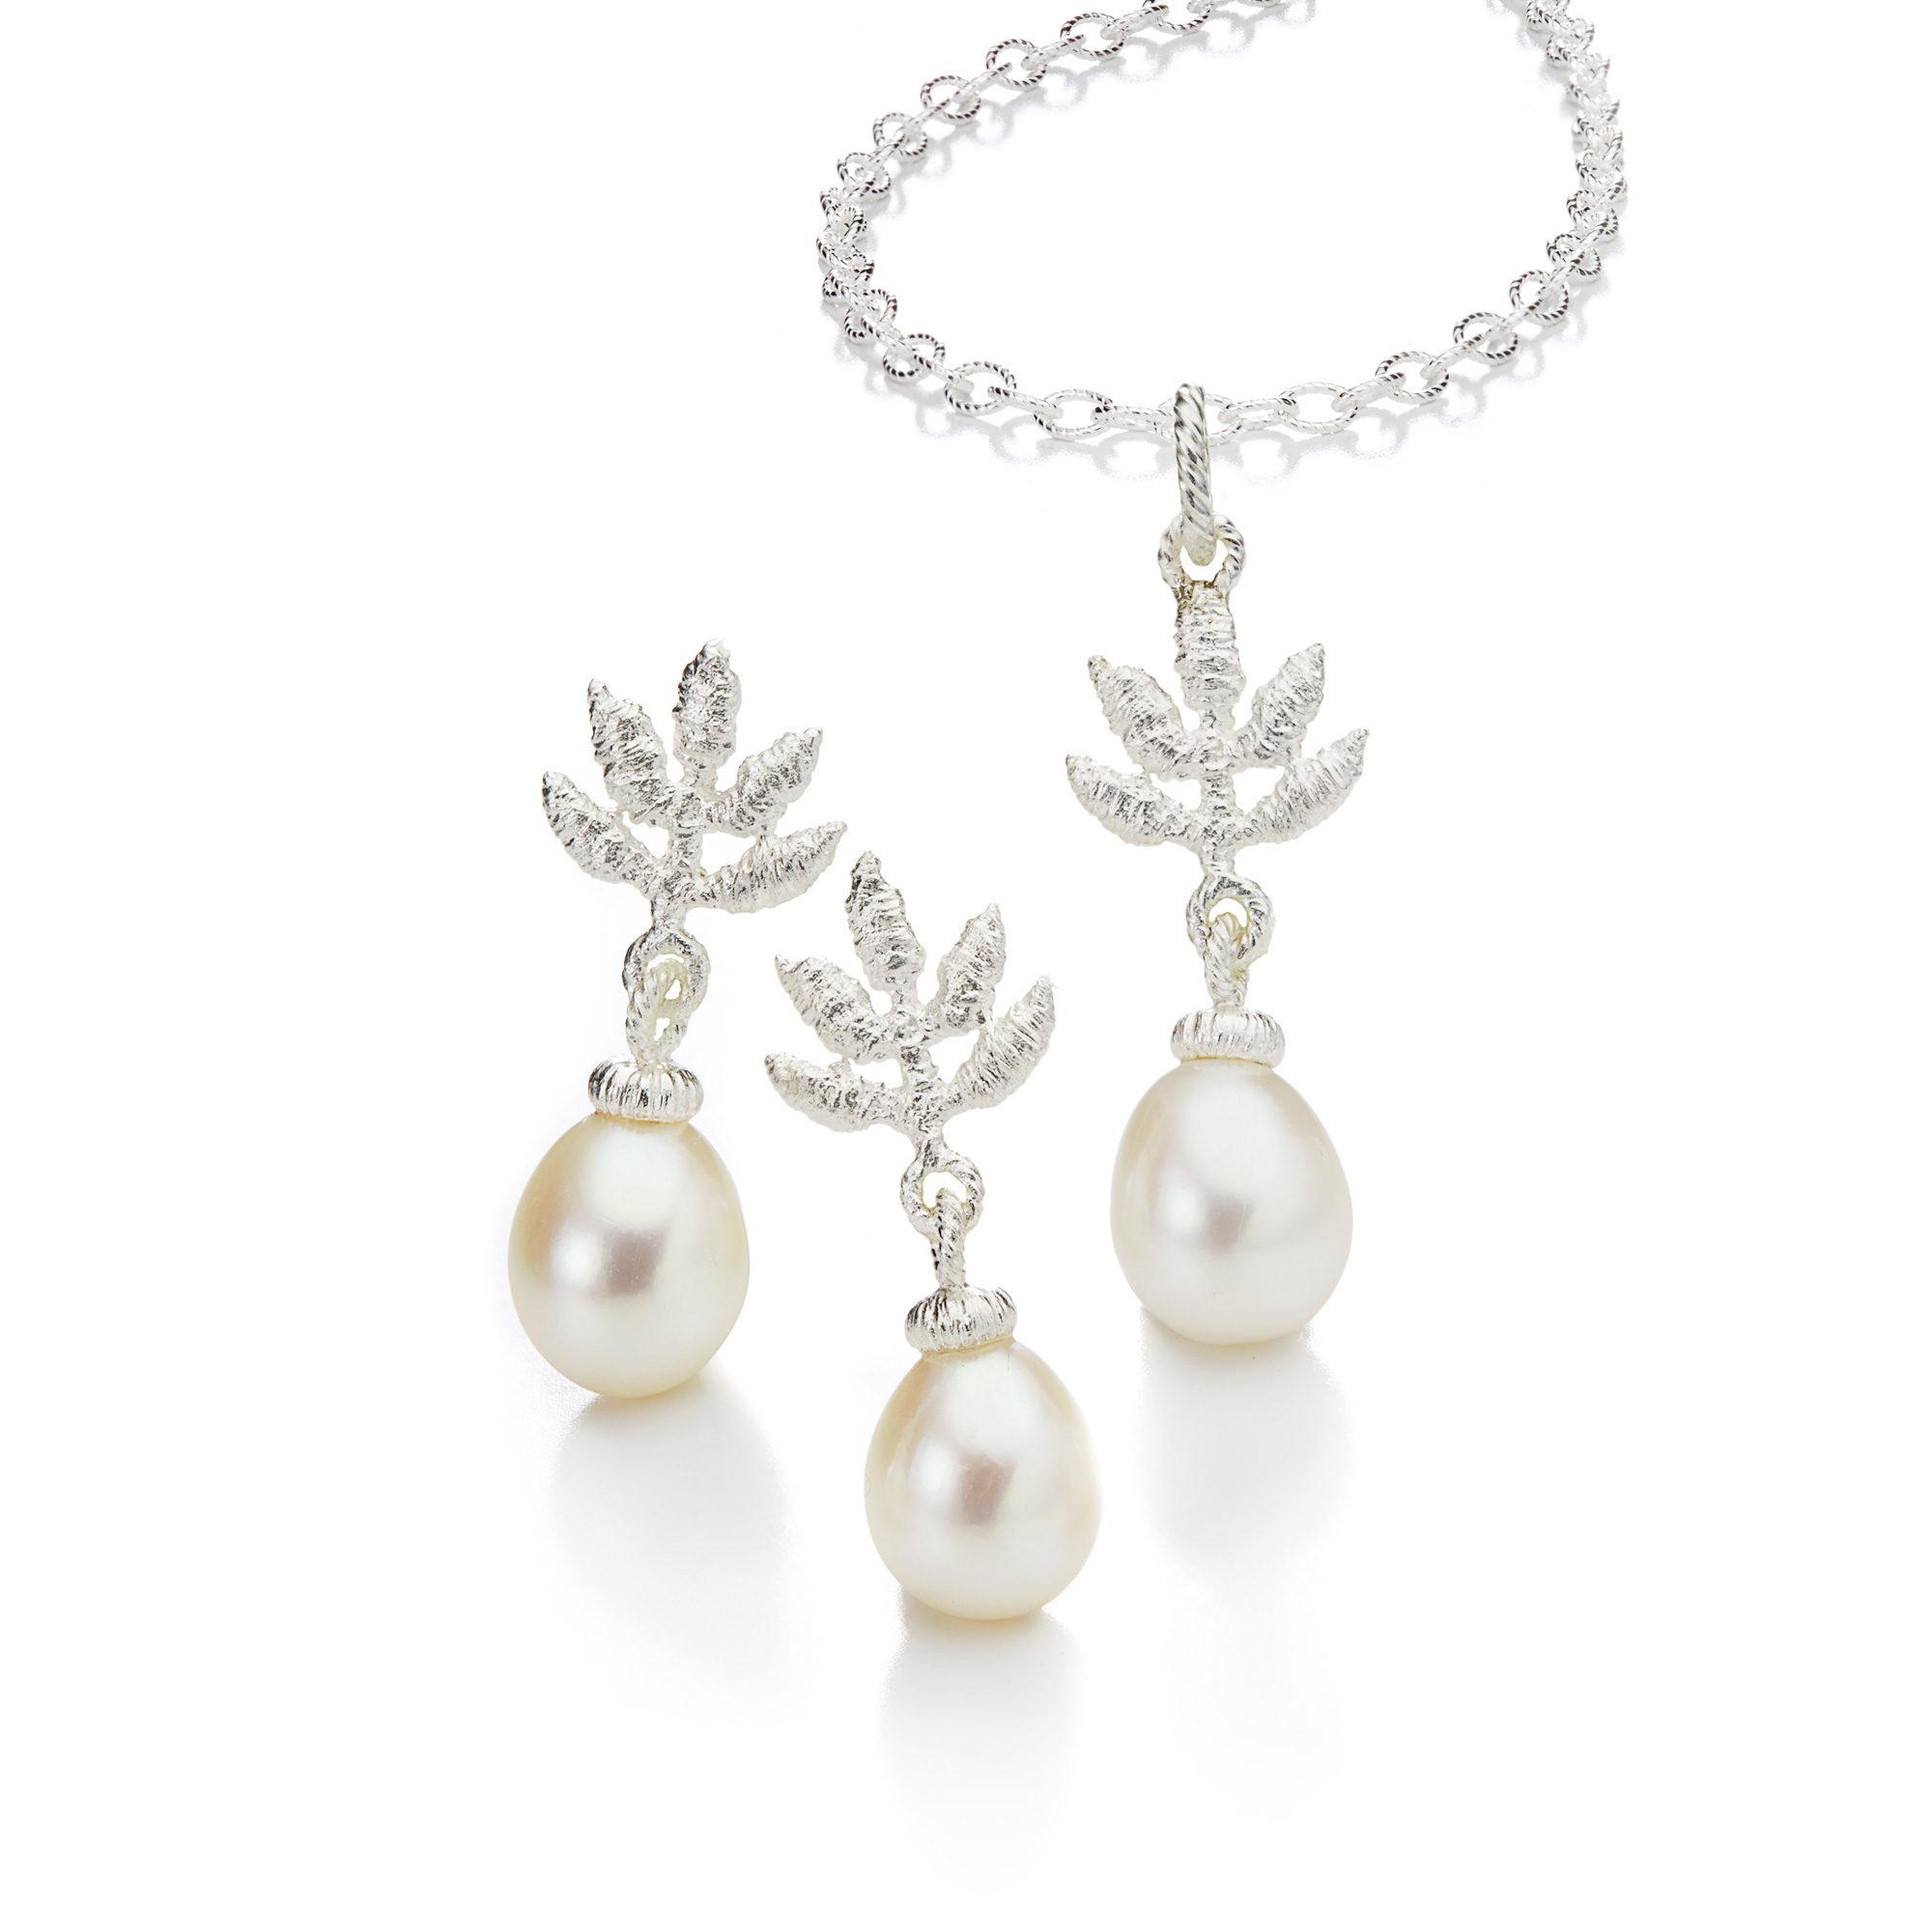 Brautschmuck ohrringe perlen  Nostalgisch schön » Brautschmuck mit Perle und Spitze in echtem Silber